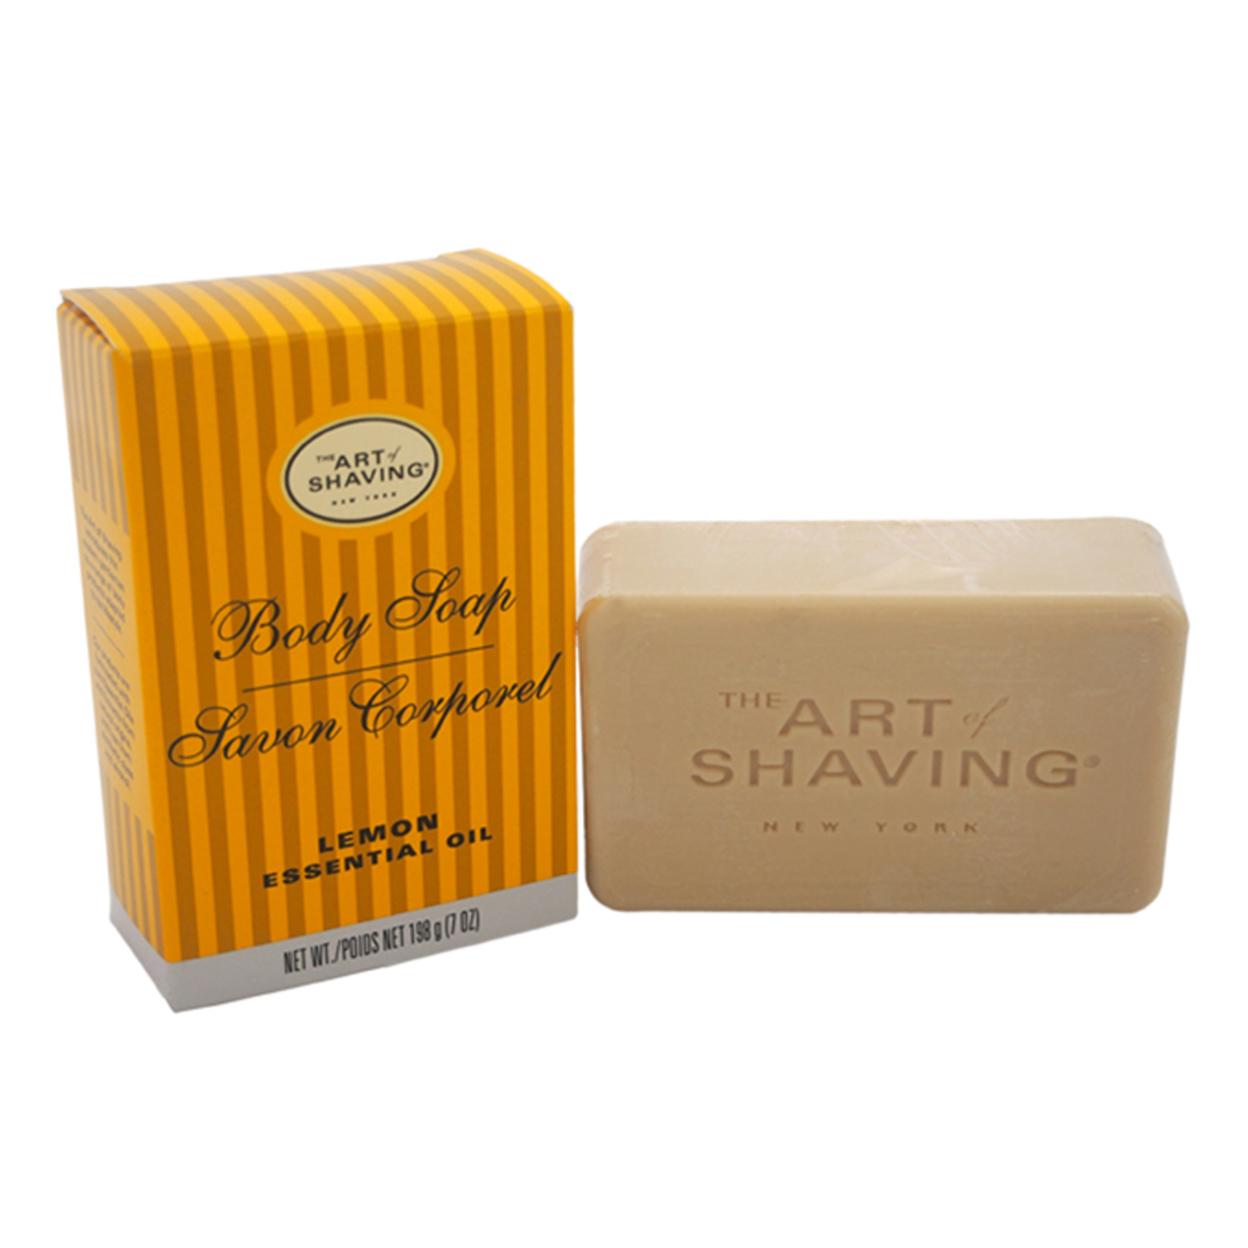 Body Soap - Lemon by The Art of Shaving for Men - 7 oz Soap 58545f8be22461109e6d78ae